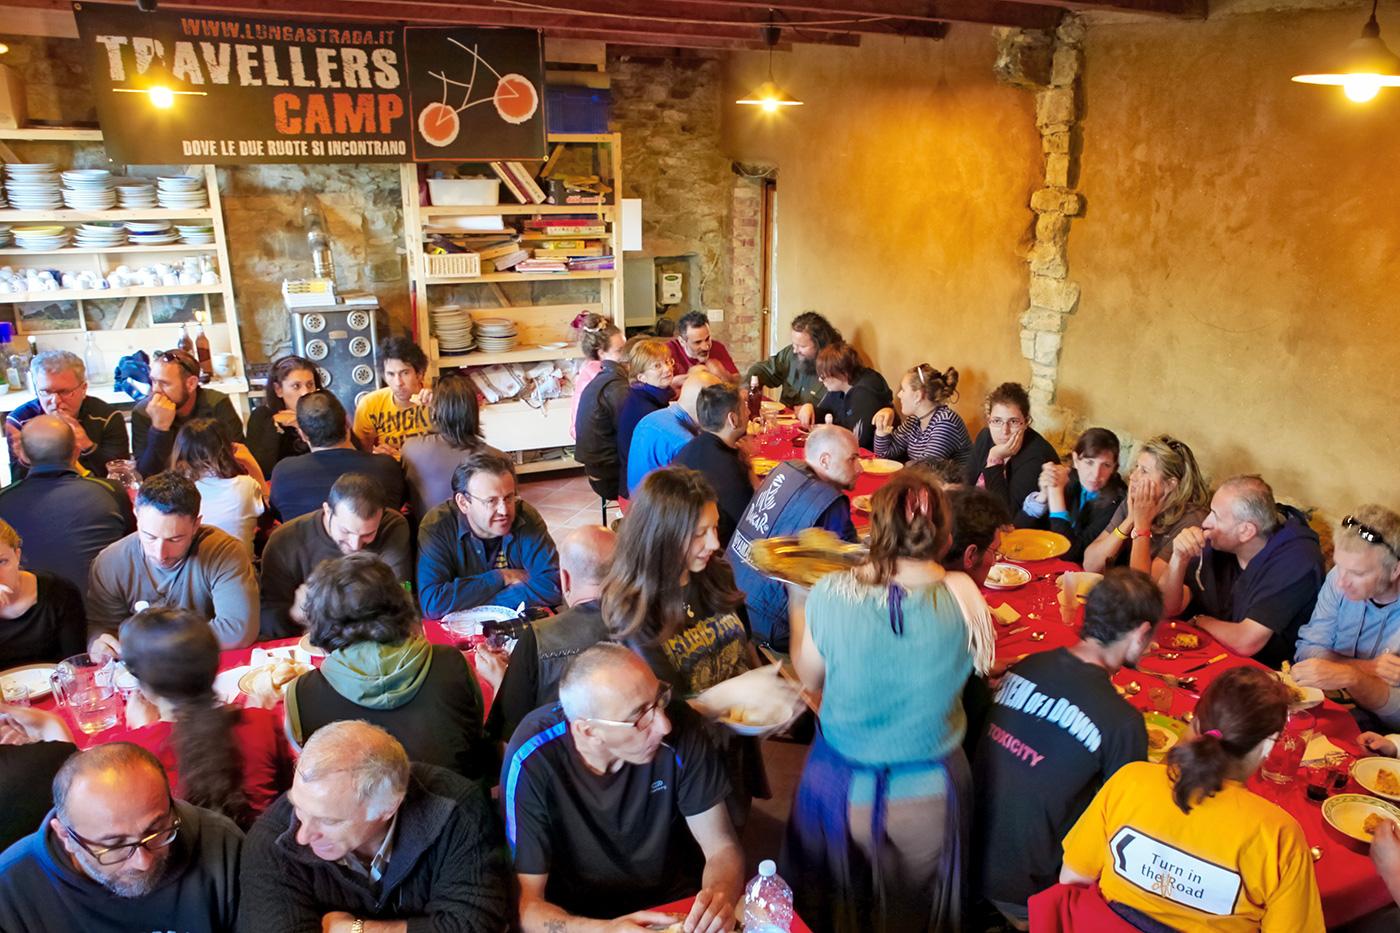 Travellers Camp 2016, il pranzo a Granara